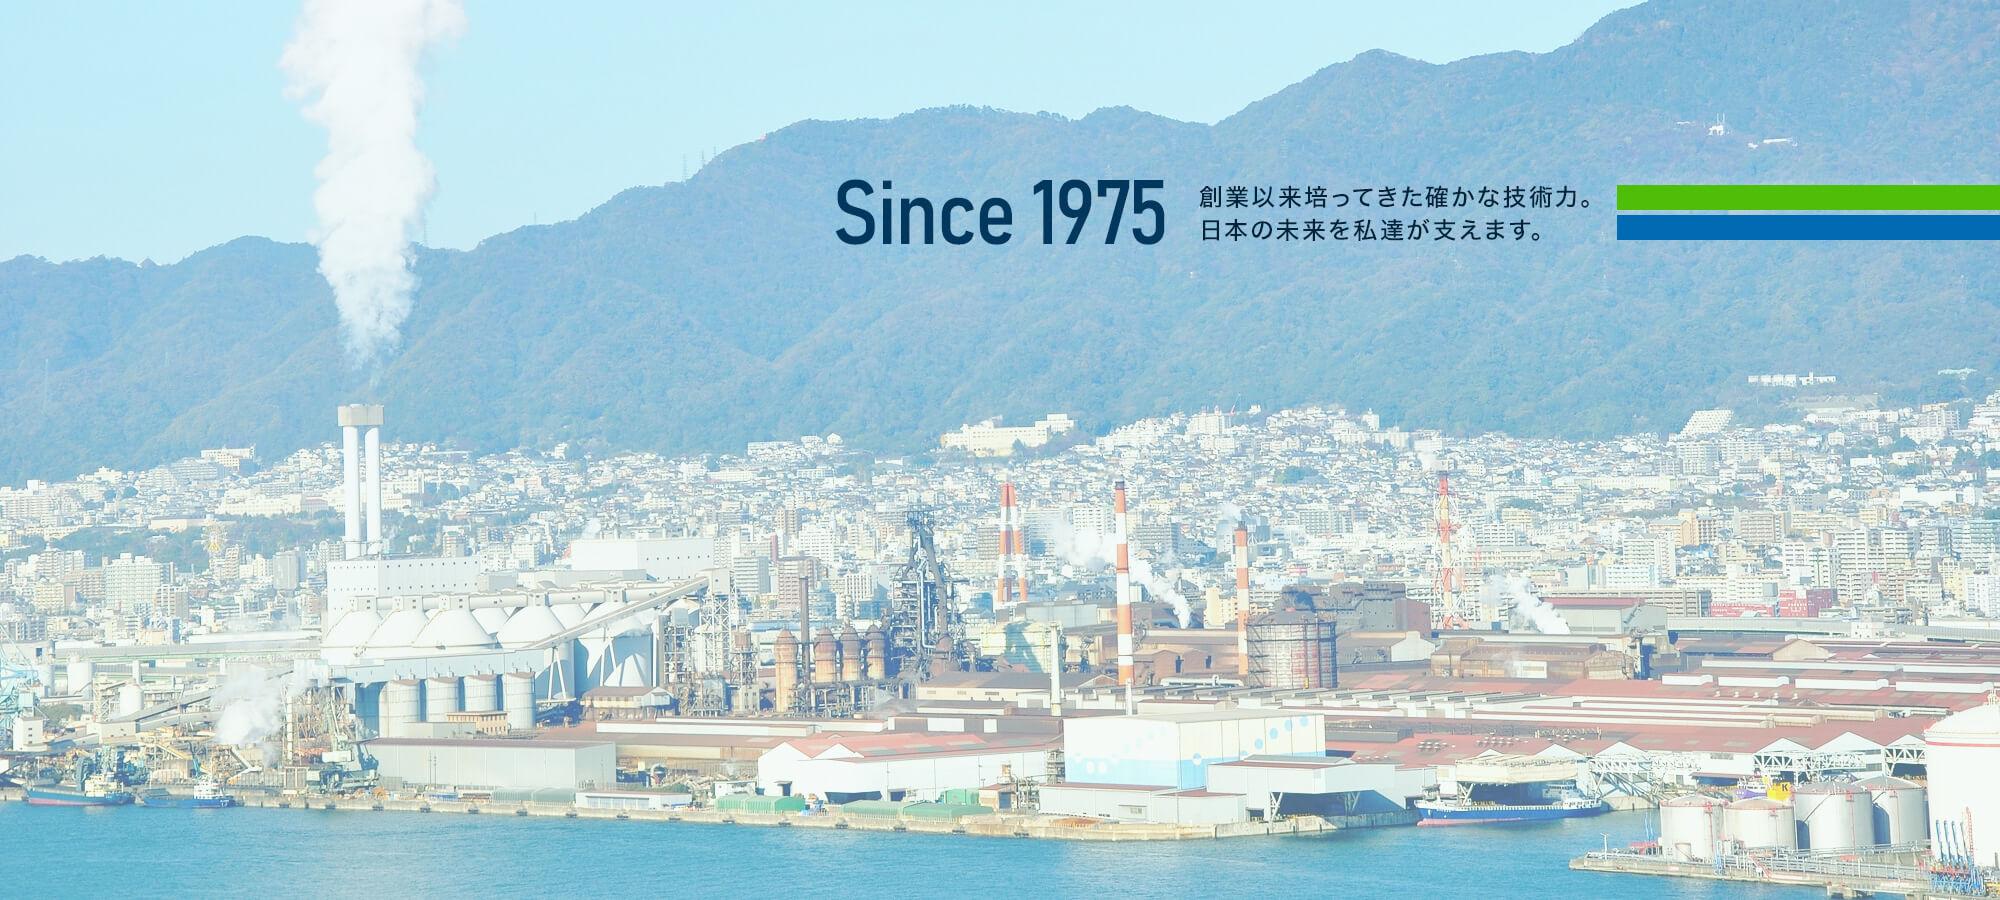 創業以来培ってきた確かな技術力 日本の未来を私達が支えます